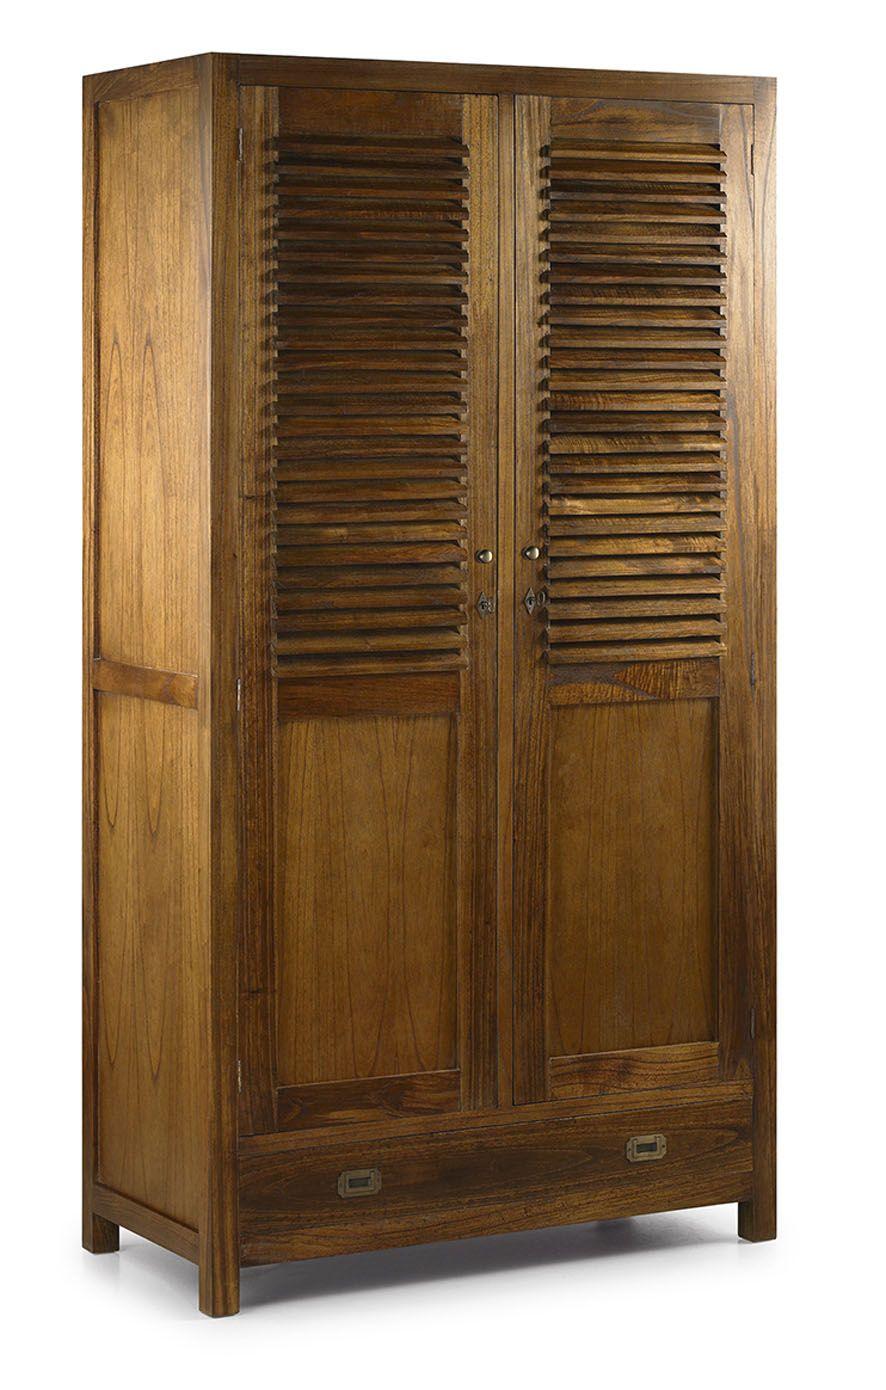 Armoire de la collection STAR. Meuble fabriqué en bois MDF, travail artisanal.